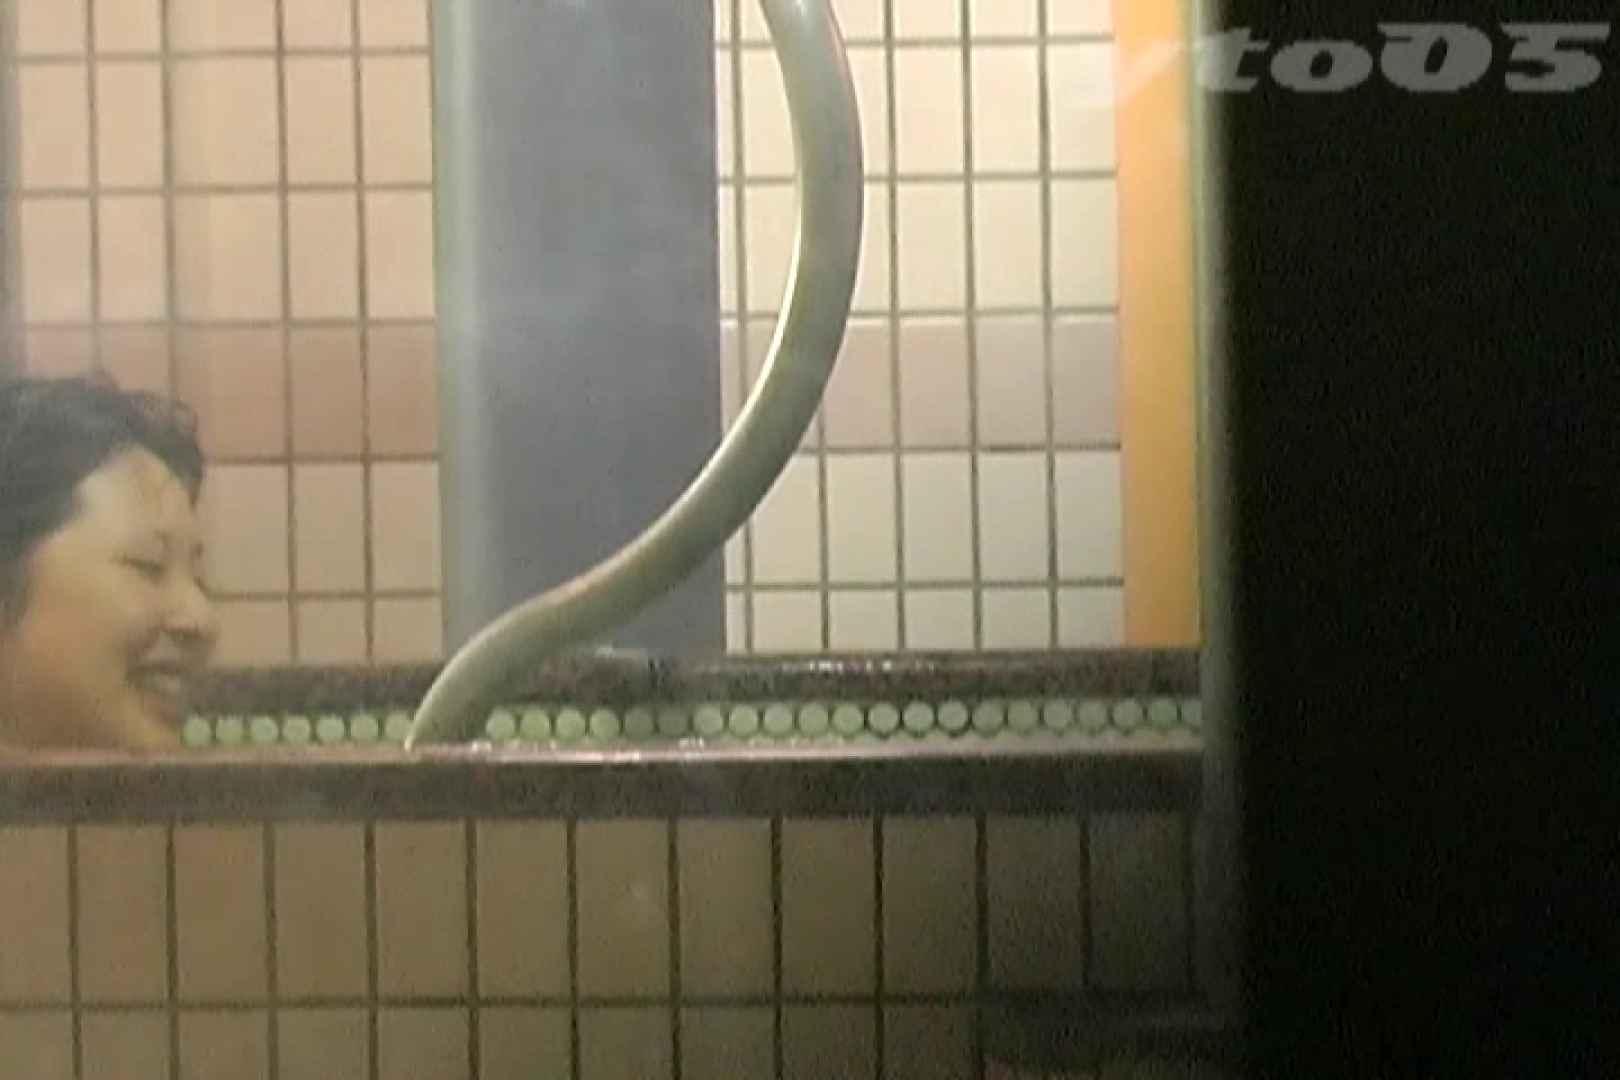 ▲復活限定▲合宿ホテル女風呂盗撮 Vol.29 盗撮 | OLのボディ  91PIX 25